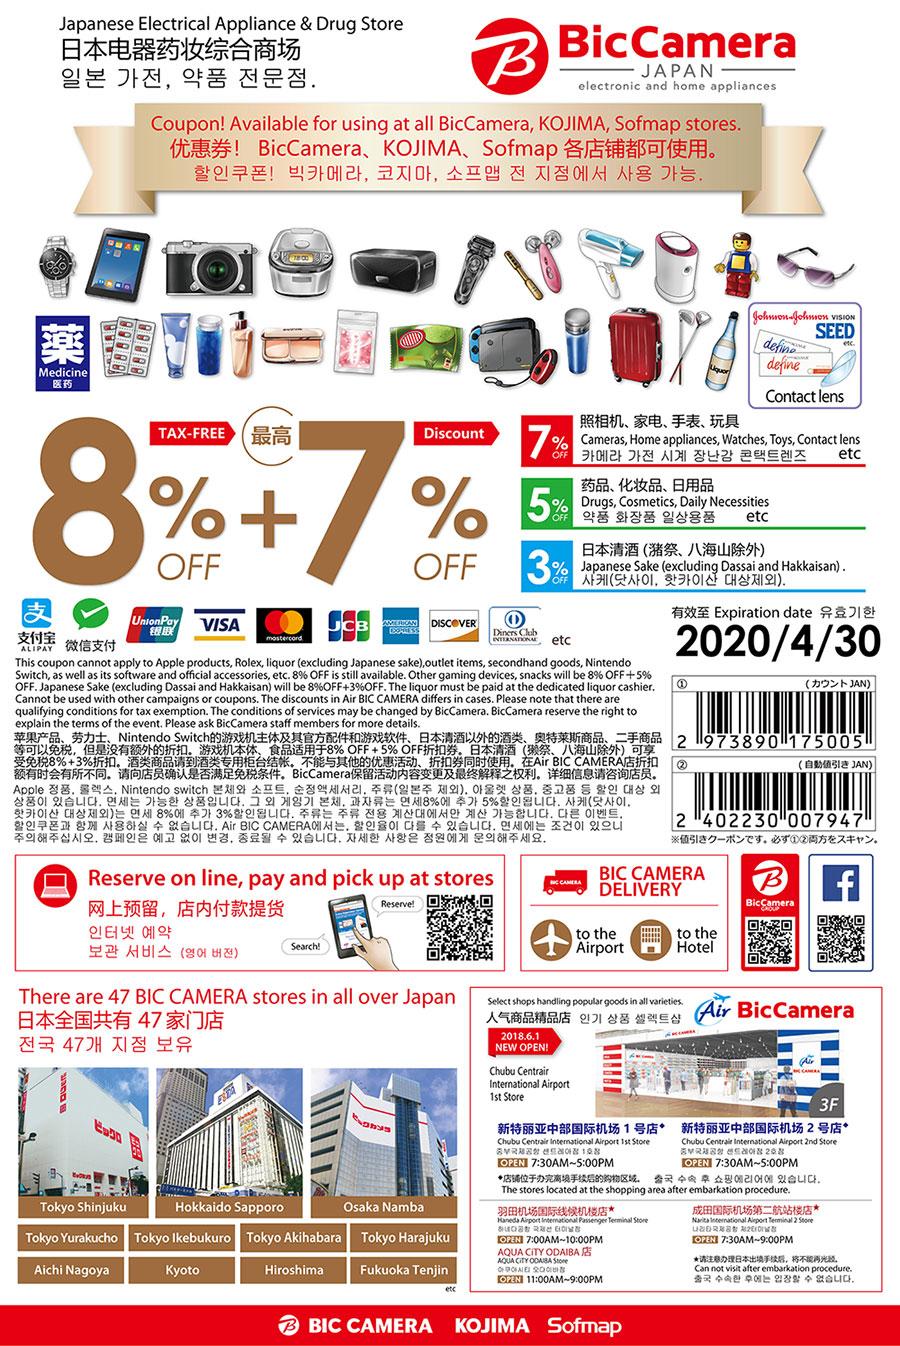 免税8%OFF+7%OFF</br>免税8%OFF+5%OFF